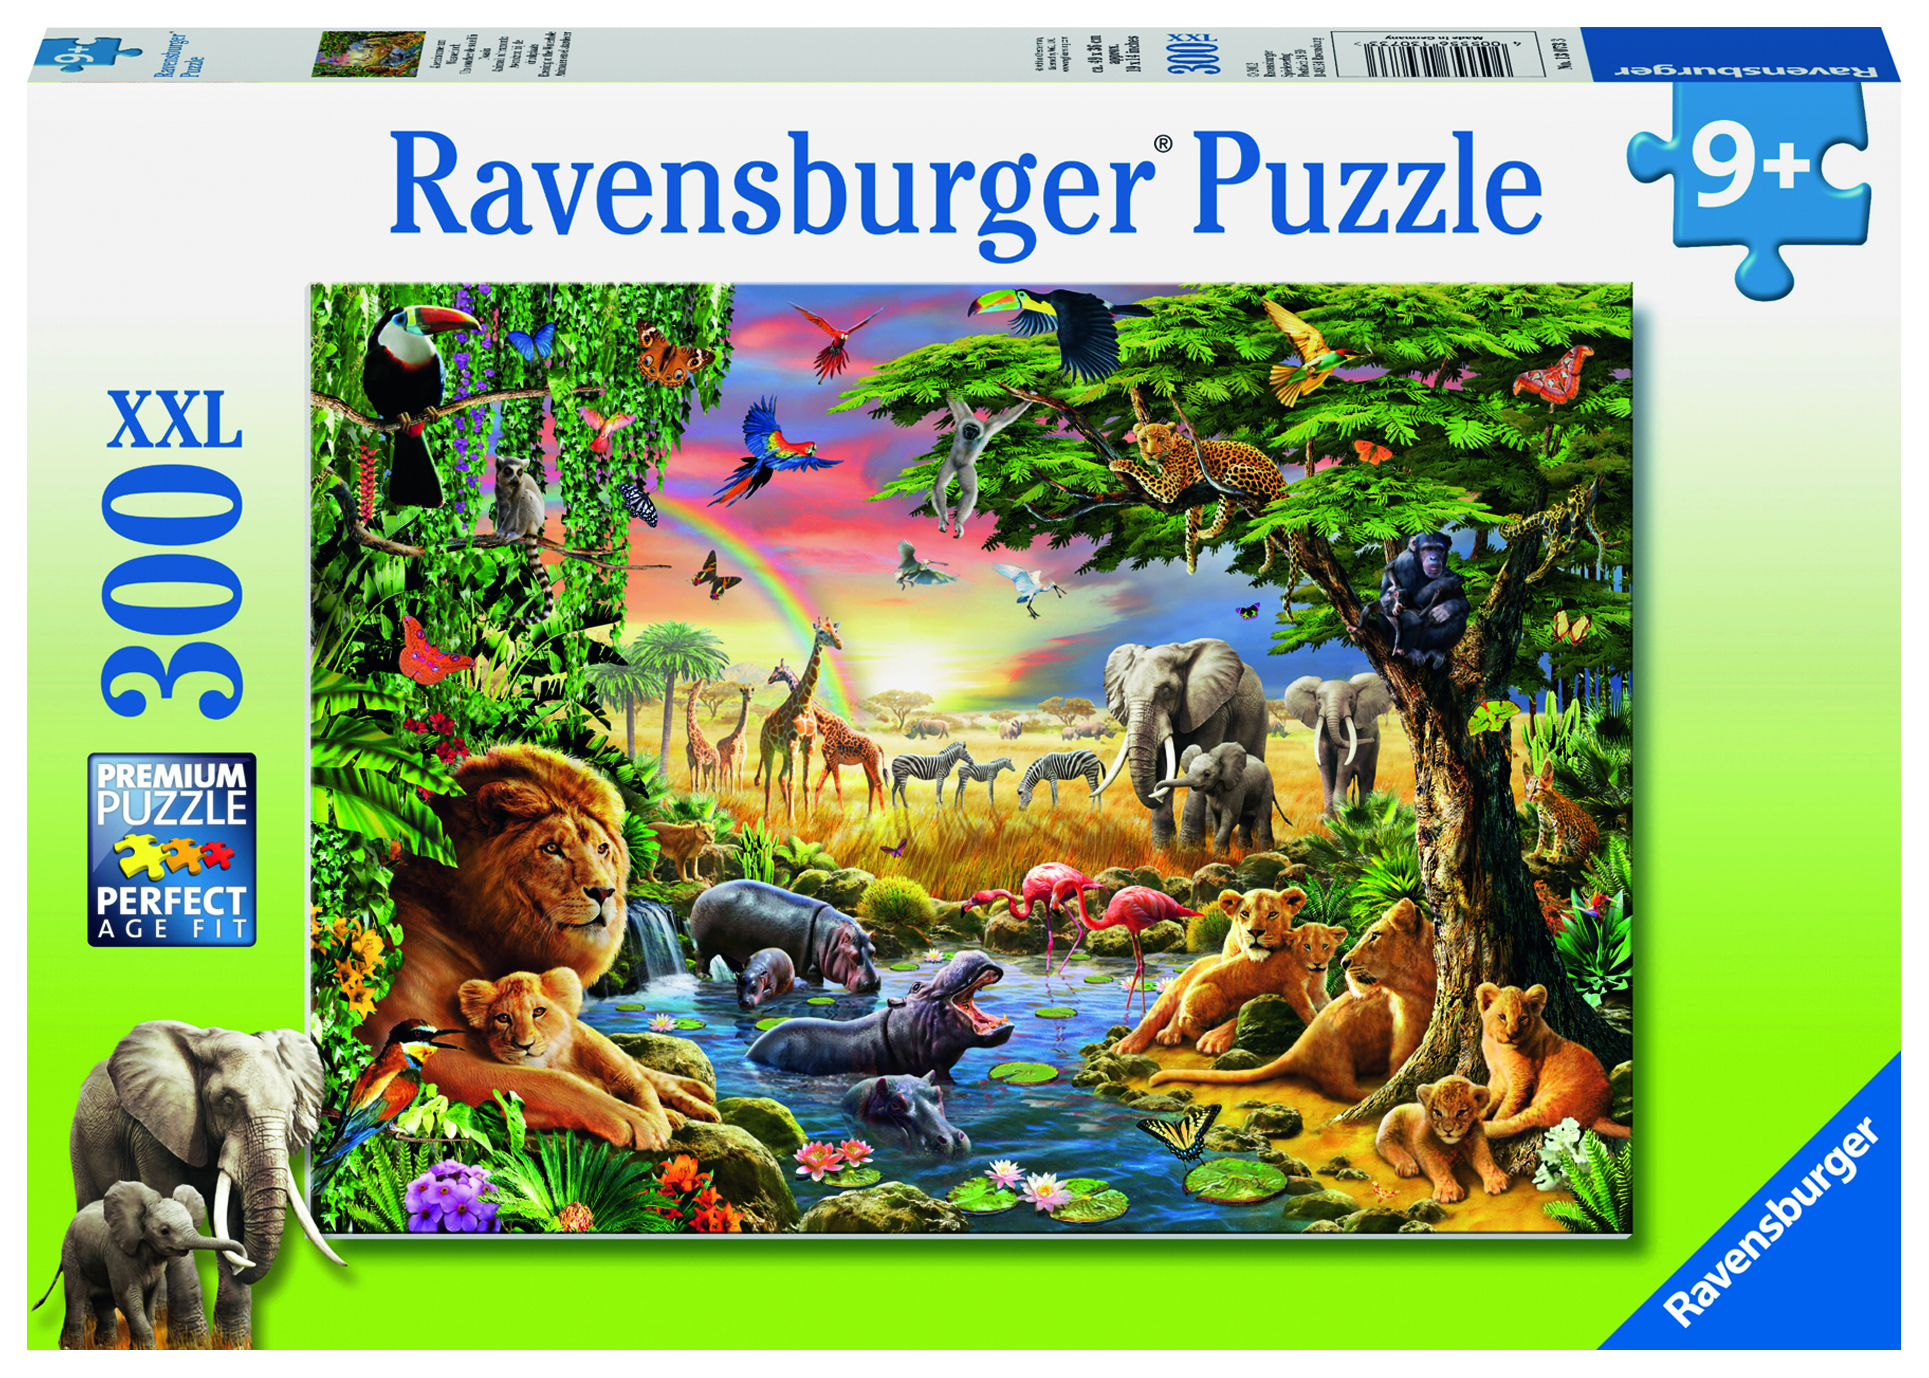 Puzzle 300 pièces - Coucher de soleil à l'oasis - Ravensburger - 49x36 cm